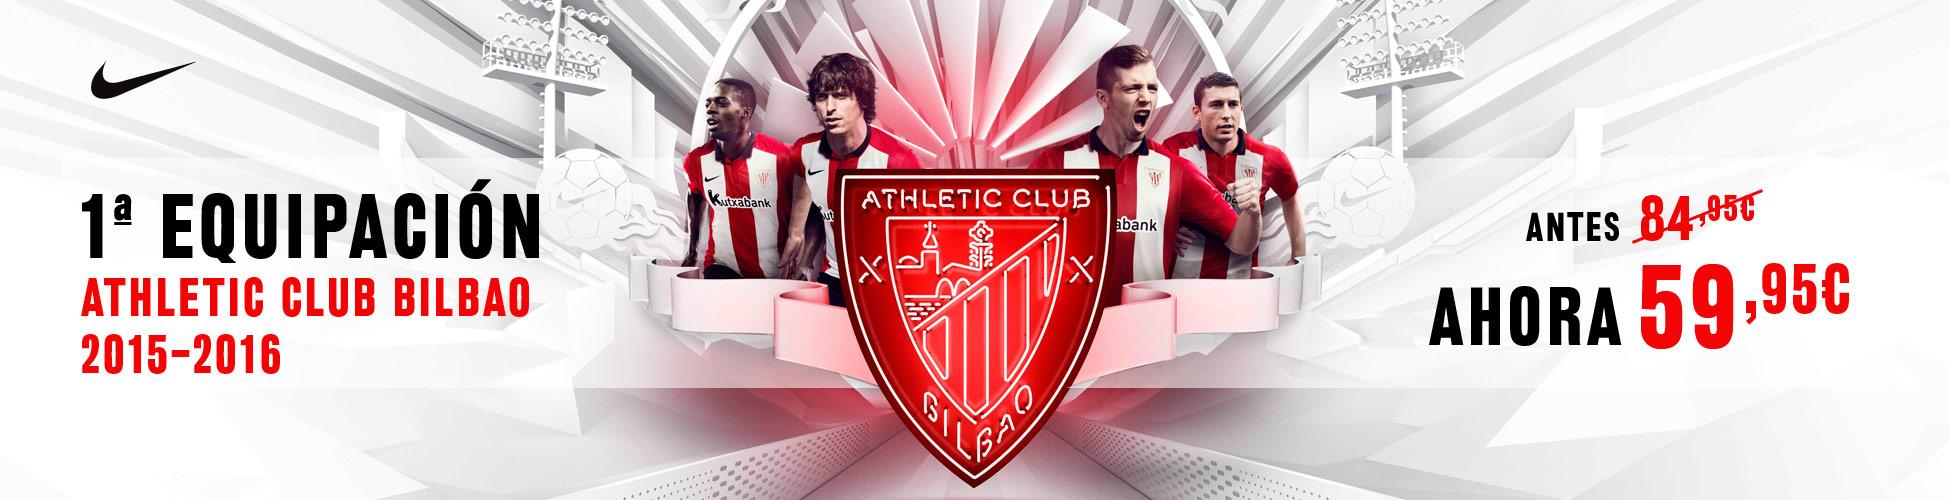 Ath Club